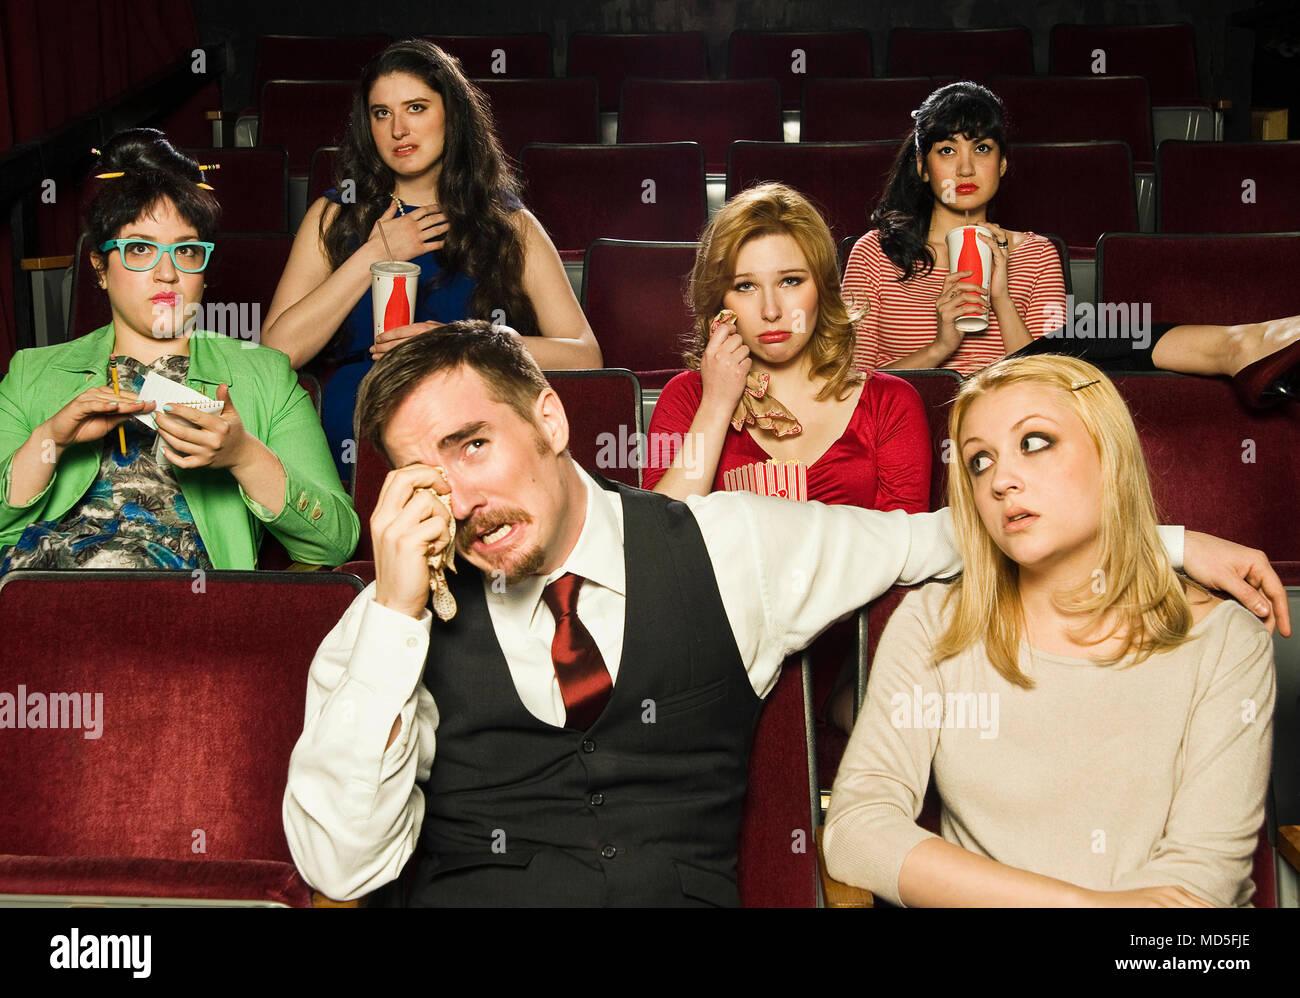 Un groupe de personnes réagissant à un film dans un cinéma. Photo Stock